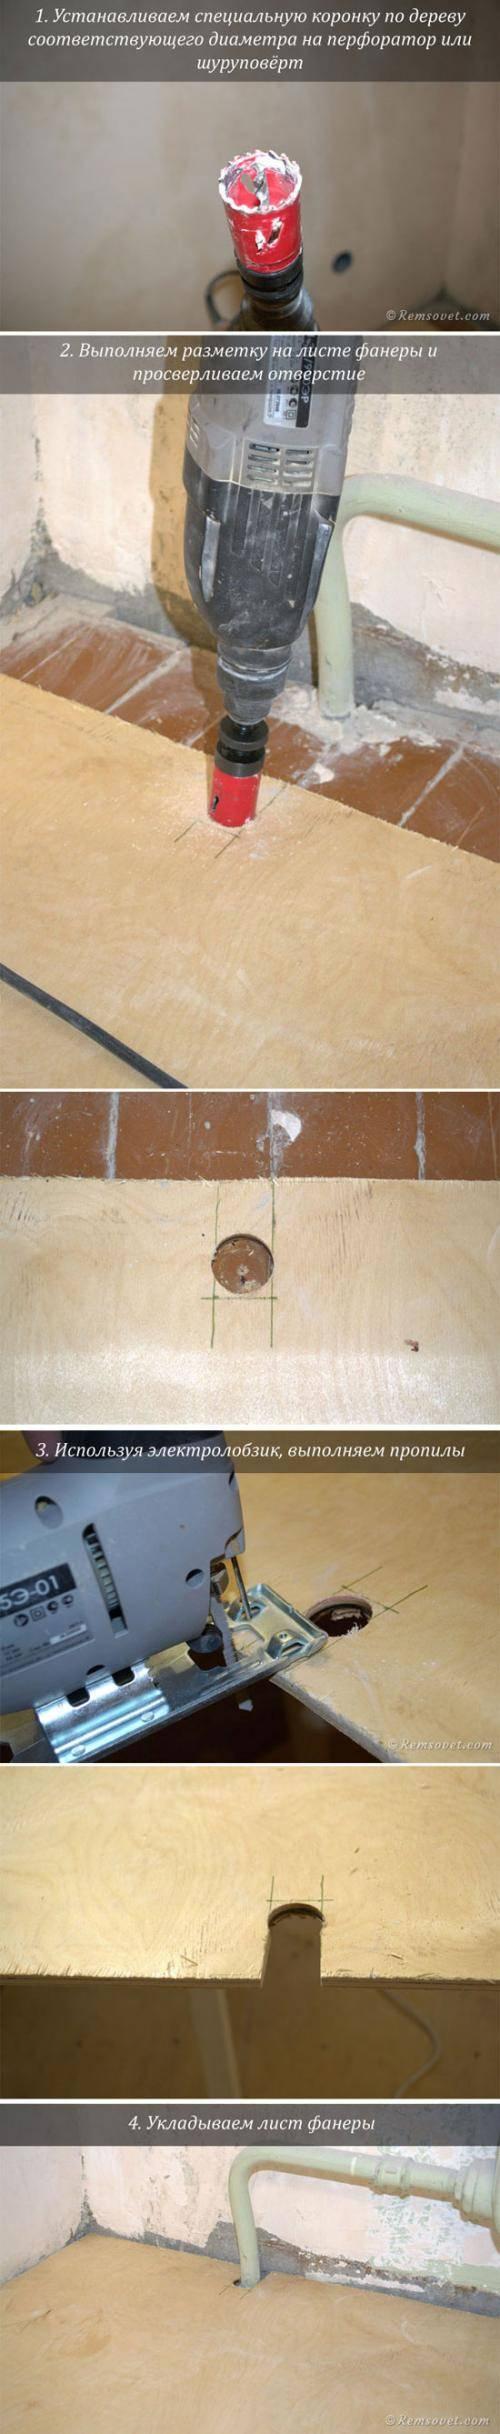 Практические рекомендации, как выровнять пол в деревянном или панельном доме